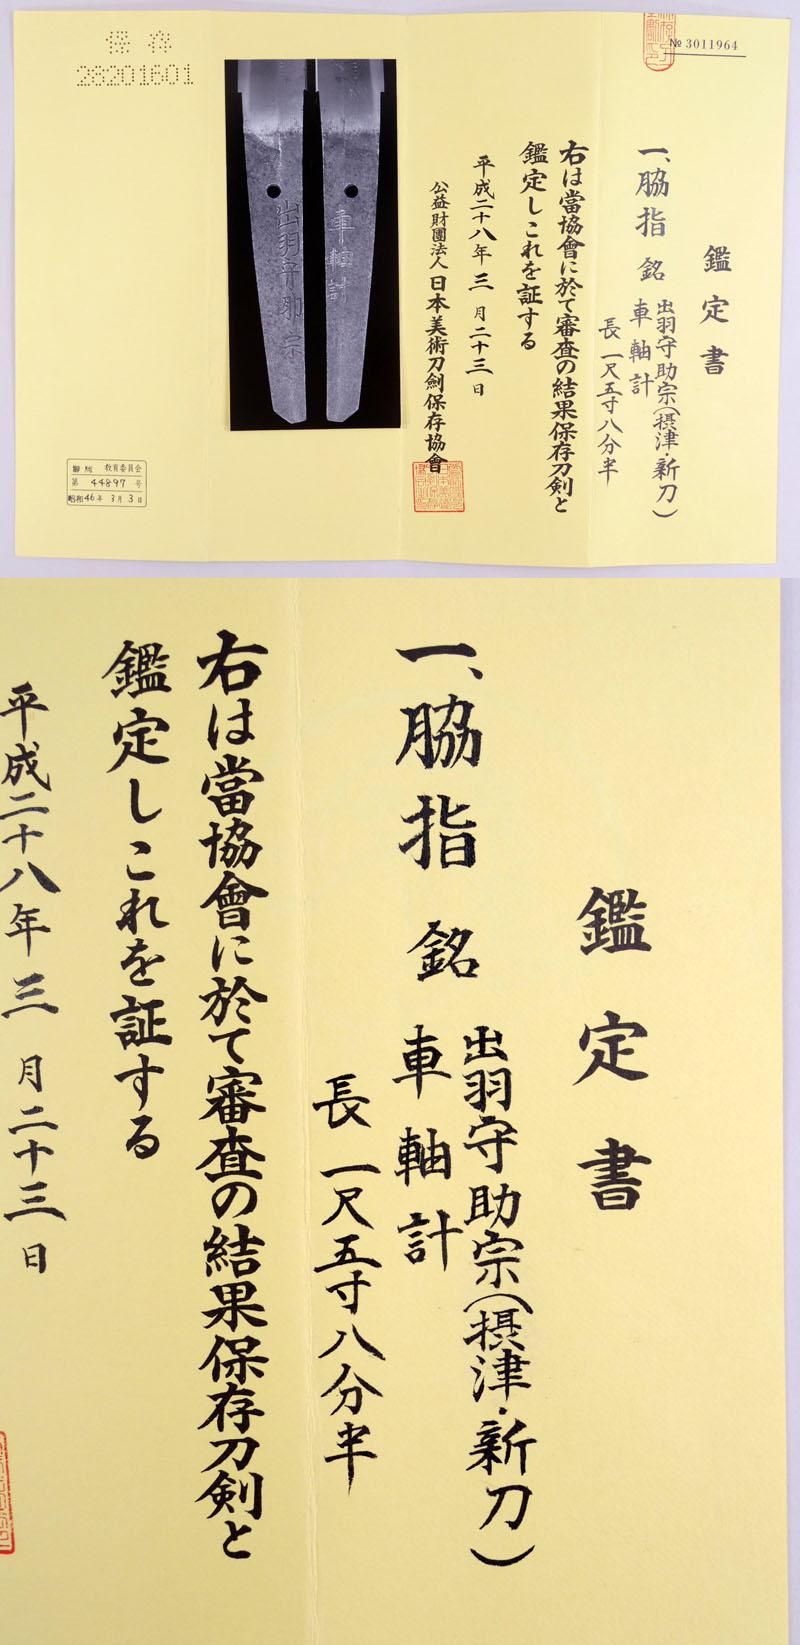 出羽守助宗 Picture of Certificate